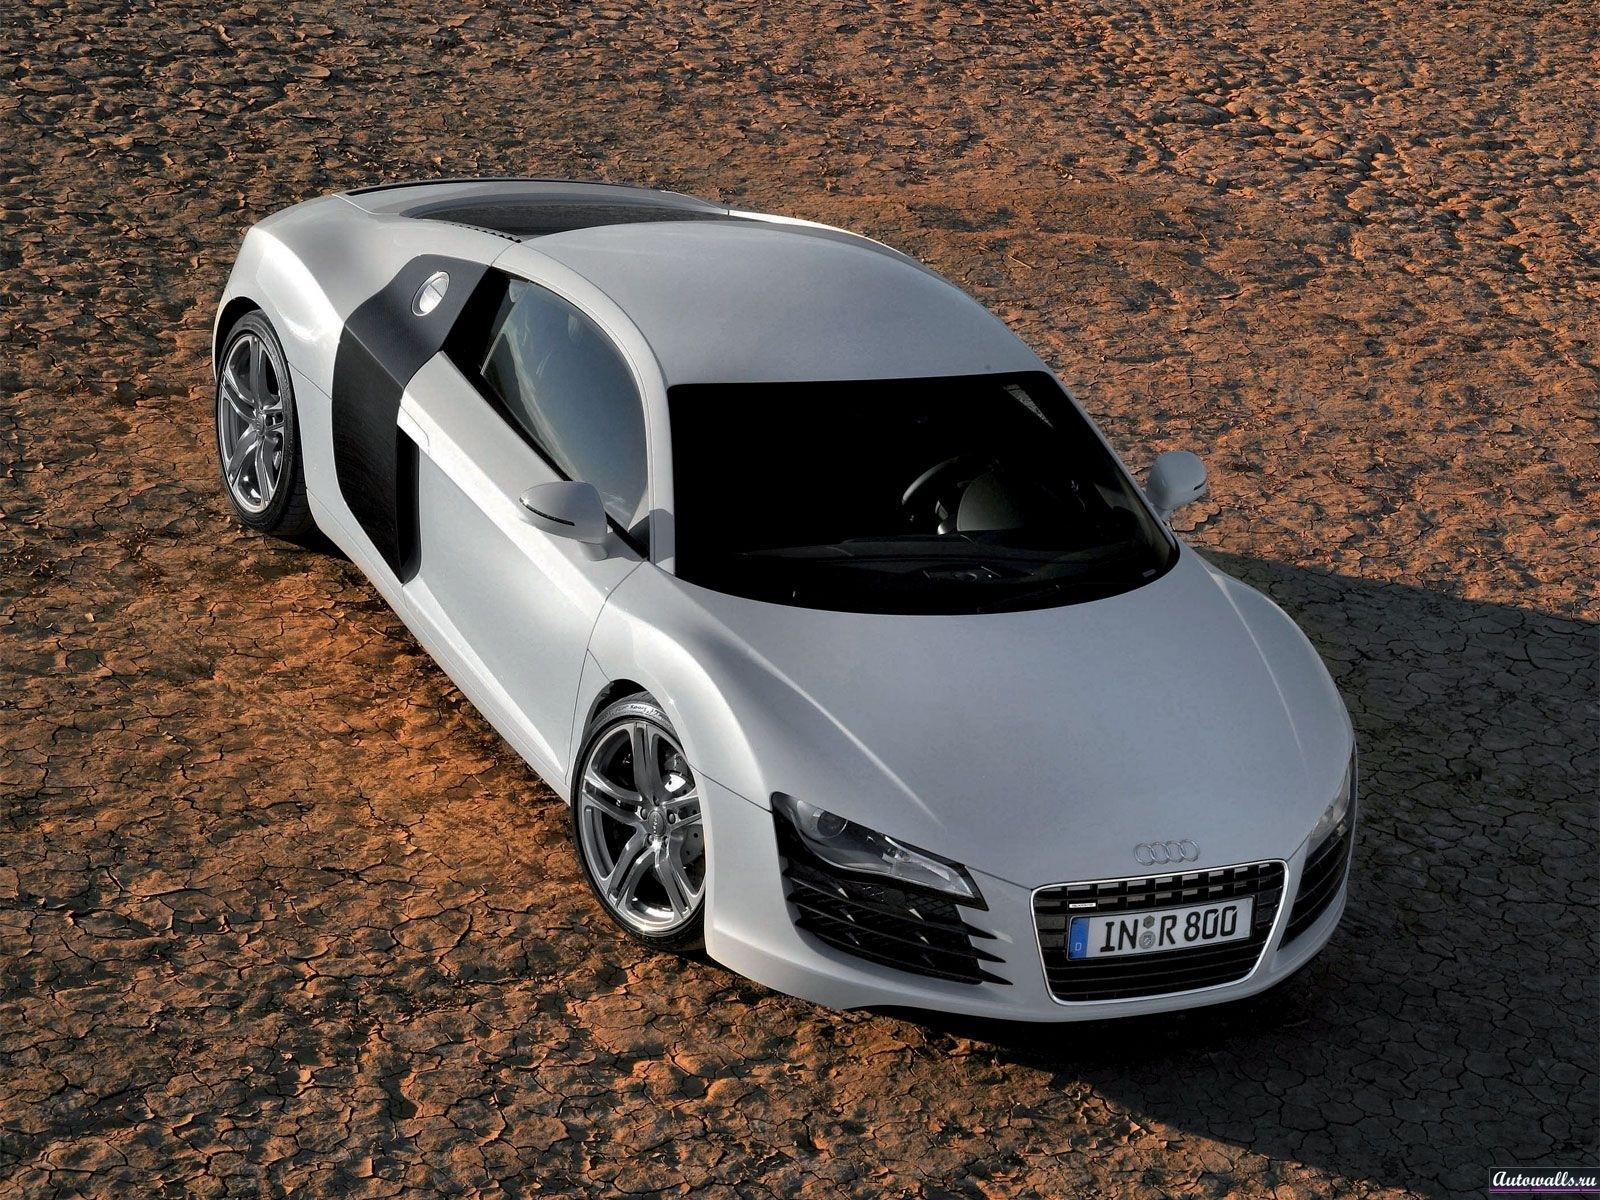 7815 скачать обои Транспорт, Машины, Ауди (Audi) - заставки и картинки бесплатно